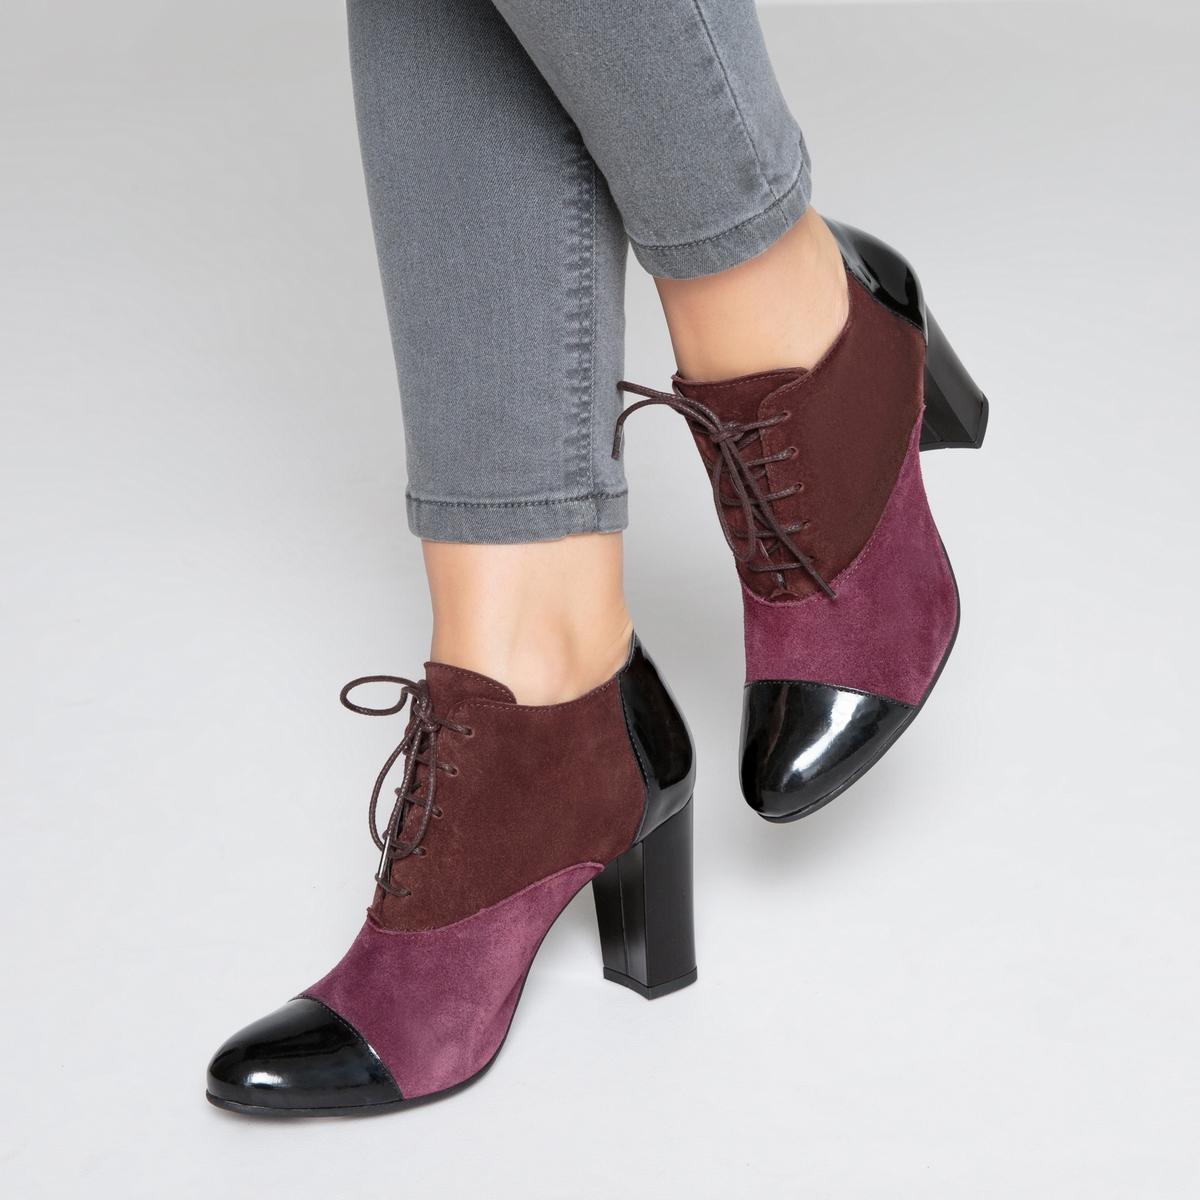 Ботинки-дерби трехцветные кожаные на высоком каблукеОписание:Детали •  Ботинки-дерби •  Высота каблука : 8 см •  Застежка : шнуровка •  Круглый мысок •  Велюровая отделка, нубукСостав и уход •  Верх 100% замша •  Подкладка 100% текстиль •  Стелька 100% кожа •  Подошва 100% эластомер •  Сделано в Португалии<br><br>Цвет: кирпичный<br>Размер: 40.39.41.36